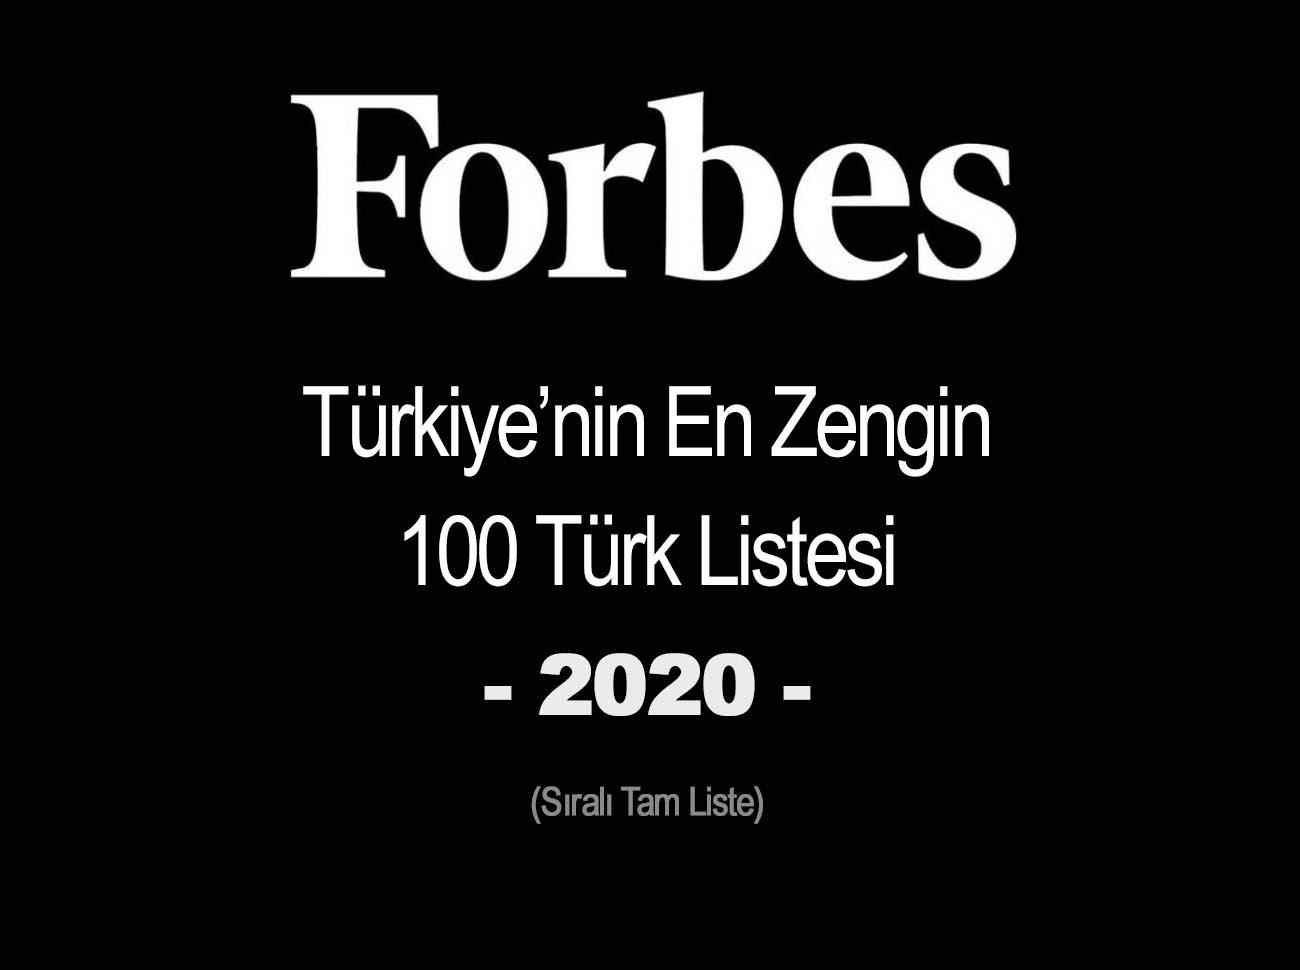 Forbes Türkiye En Zengin 100 Türk